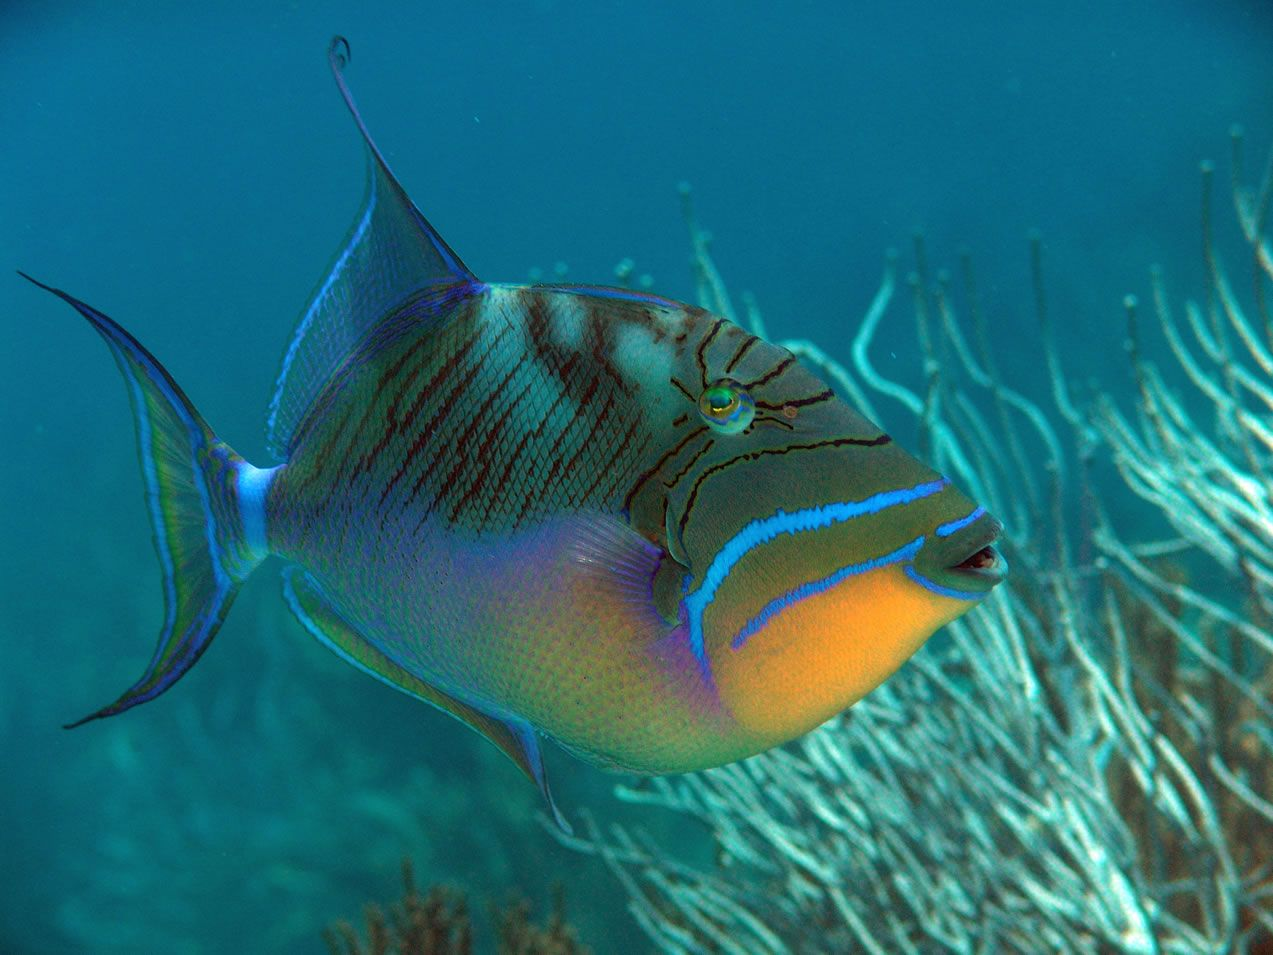 Trigger Fish Ocean Creatures Saltwater Aquarium Fish Sea And Ocean